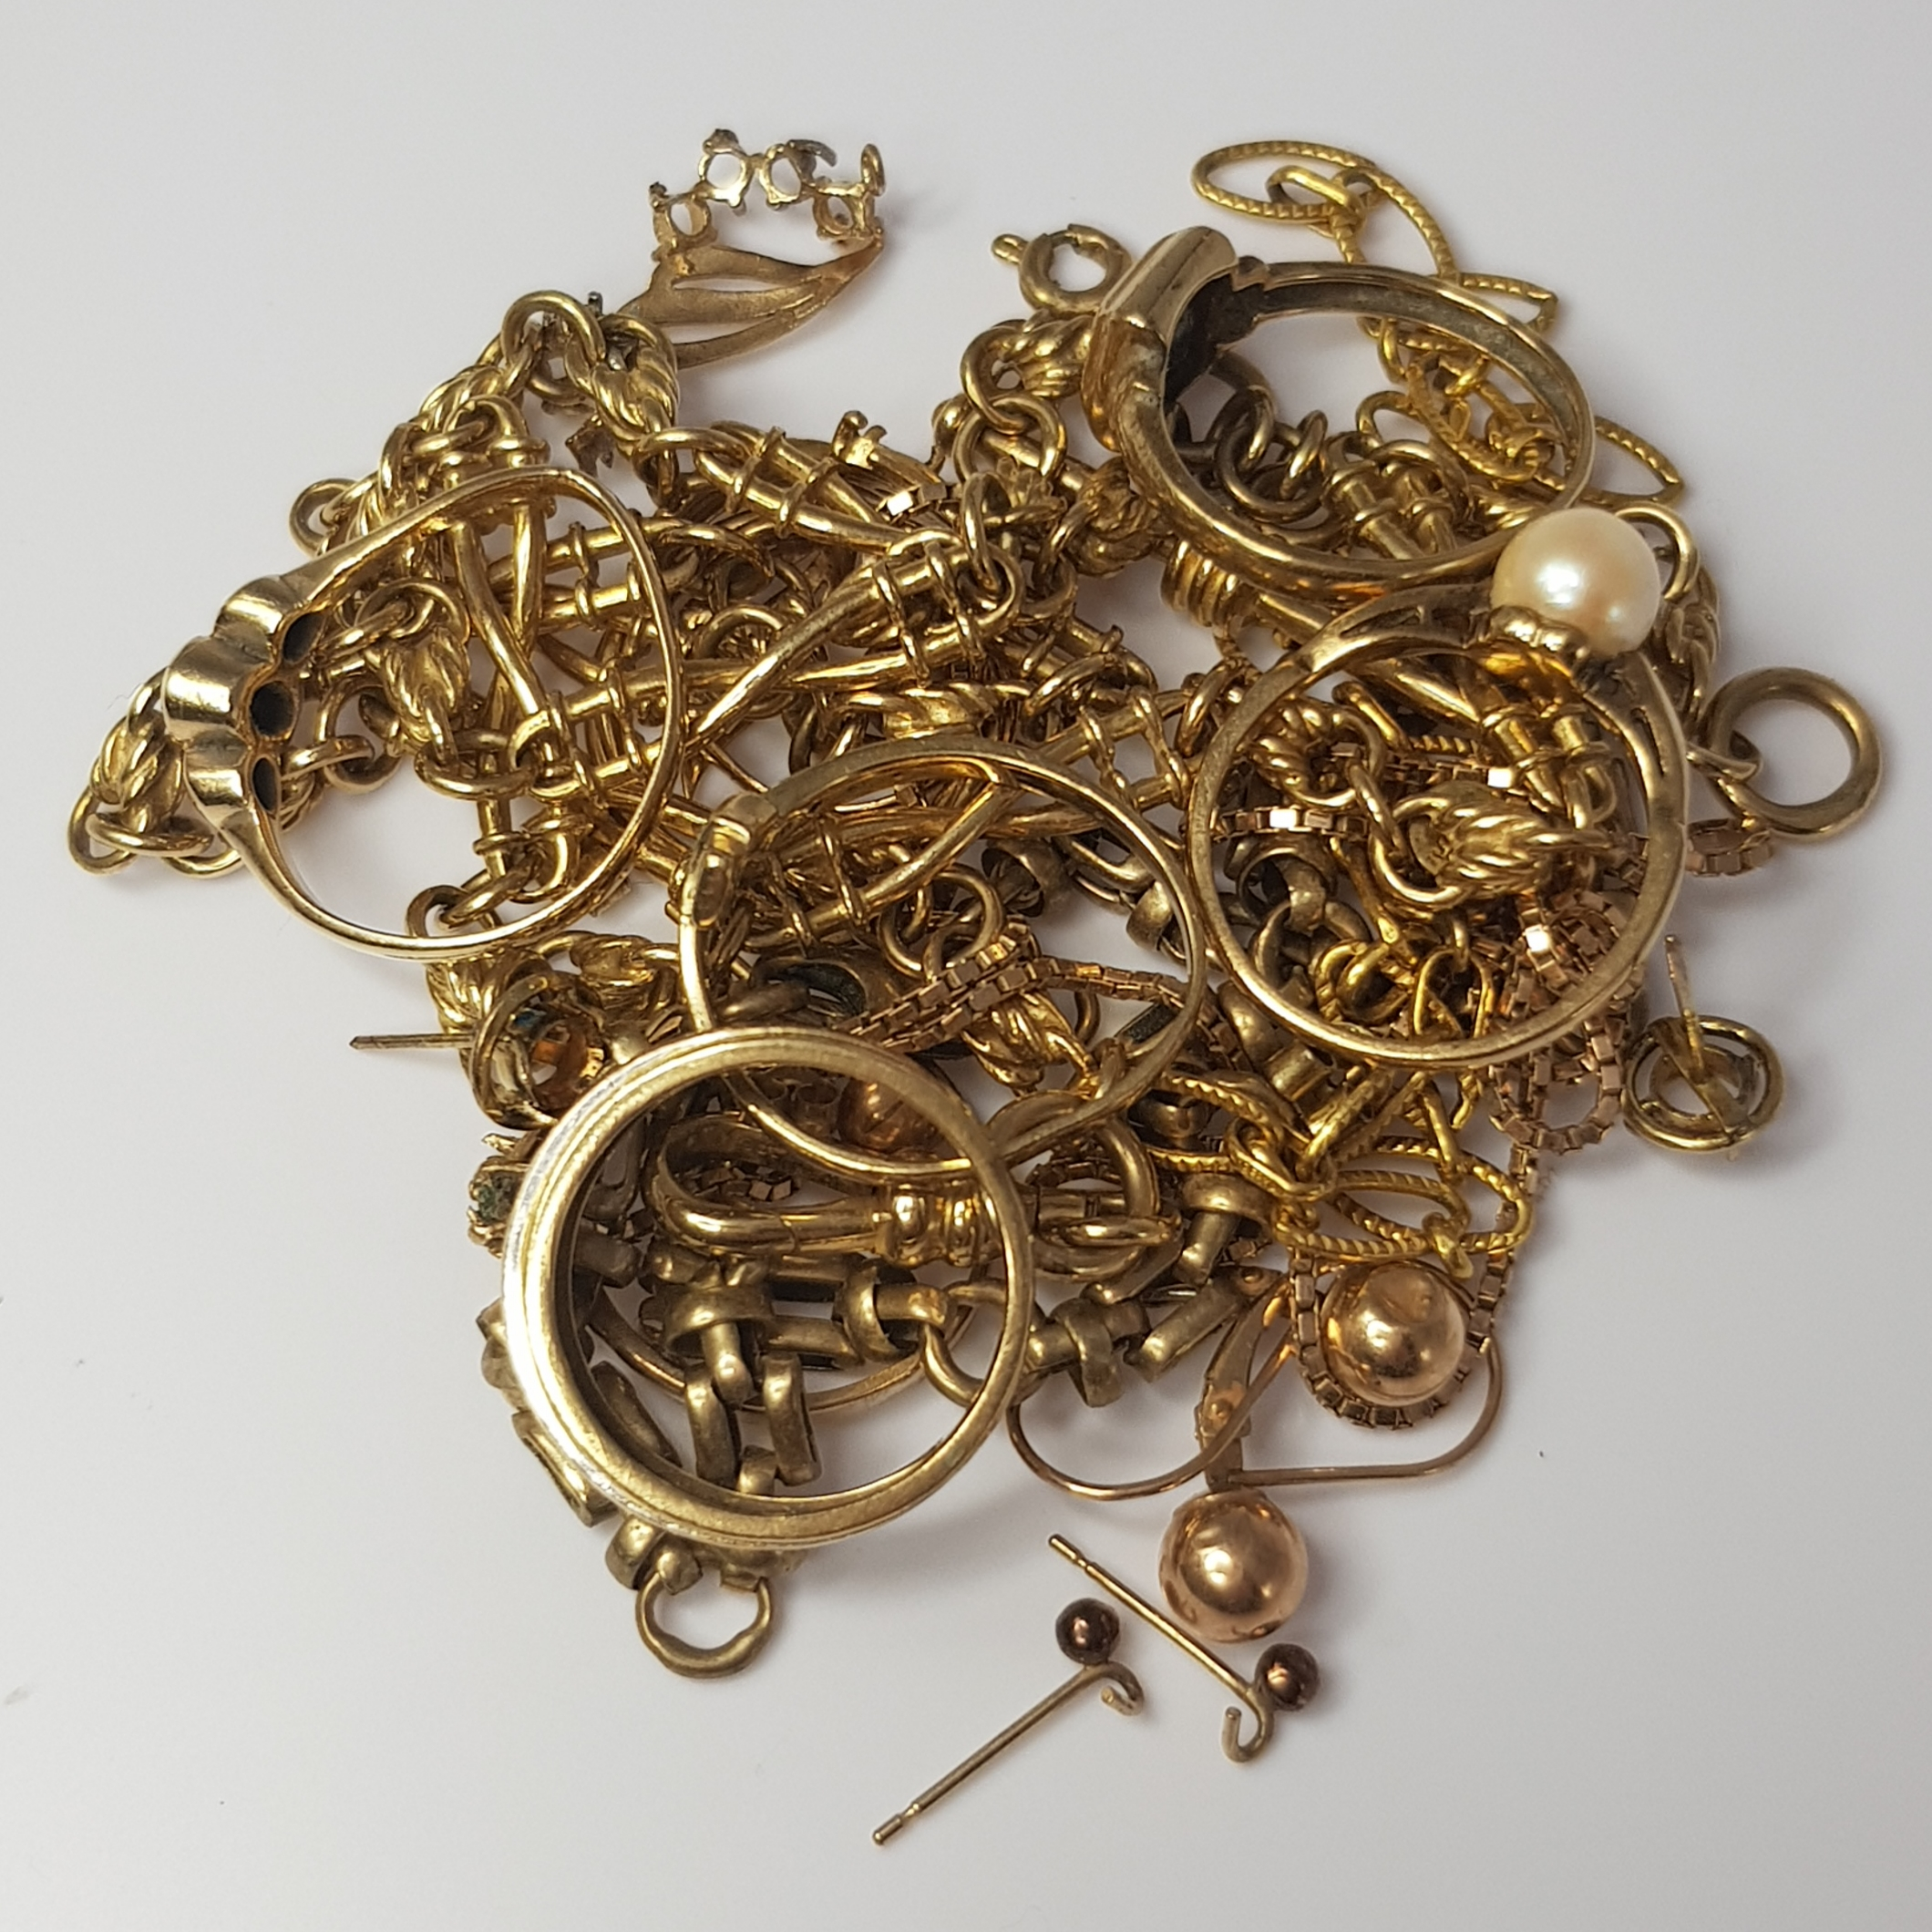 Janine scrap gold Nov 17